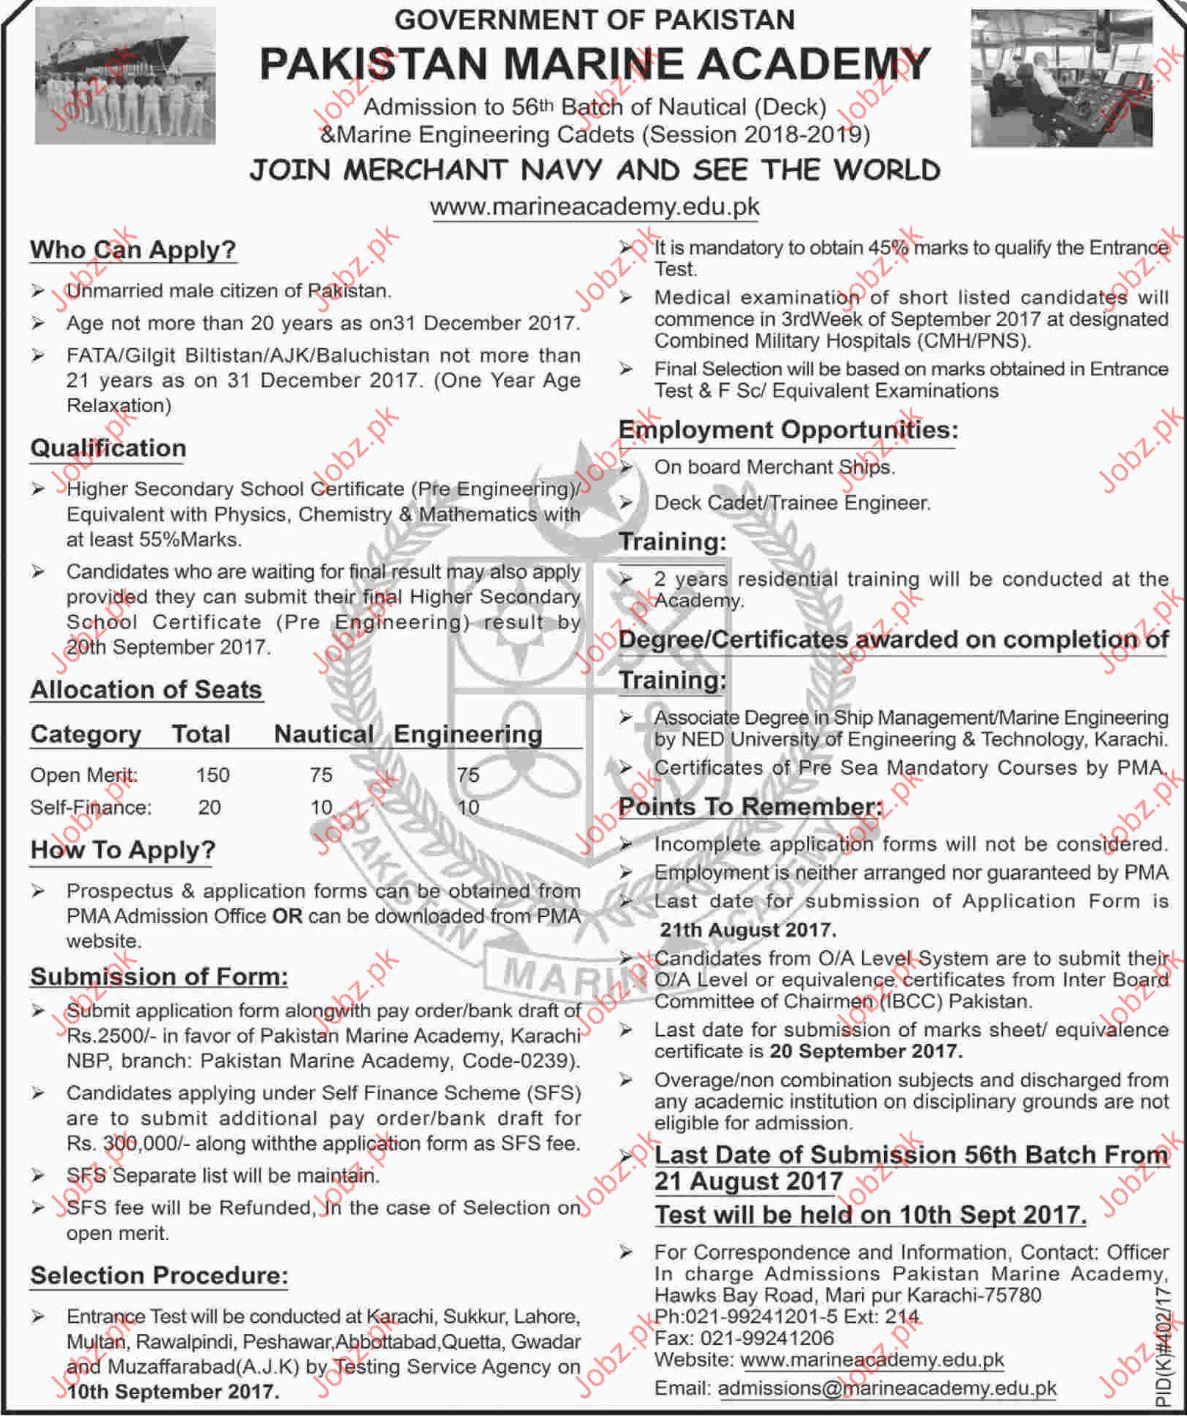 Pakistan Marine Academy PMA Job Opportunities